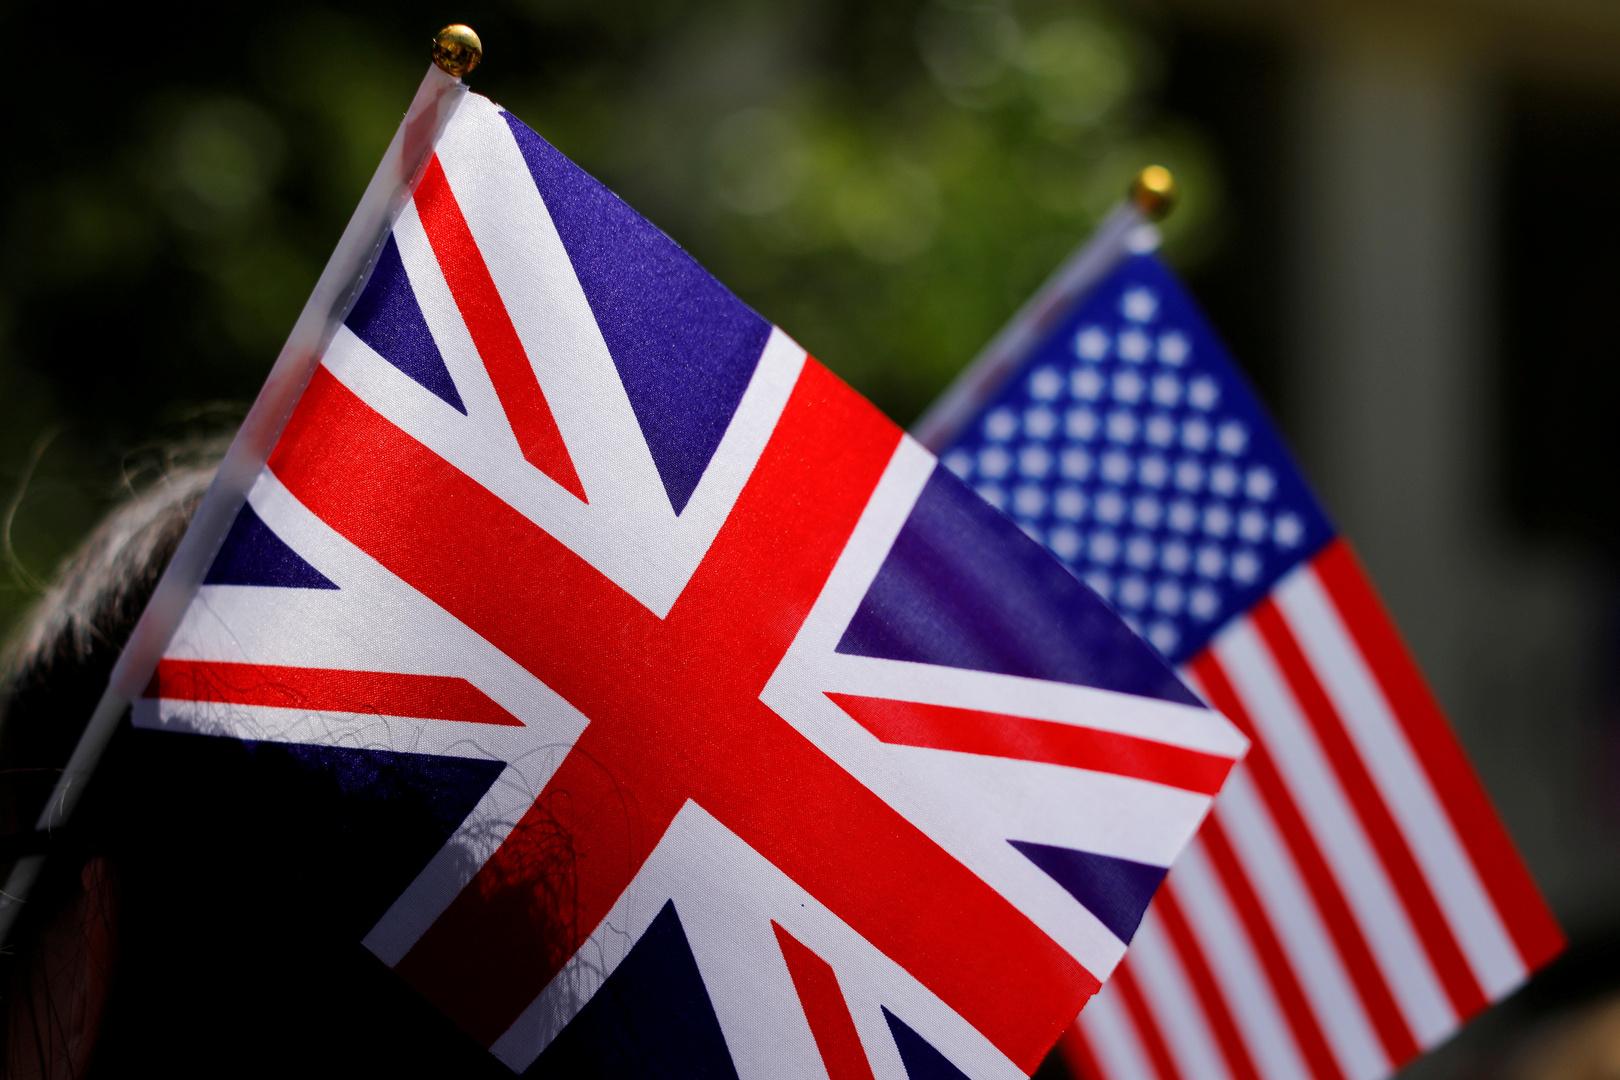 بريطانيا تعلن أنها لا تعترف بتقدير الاتحاد الأوروبي لتكلفة الانفصال